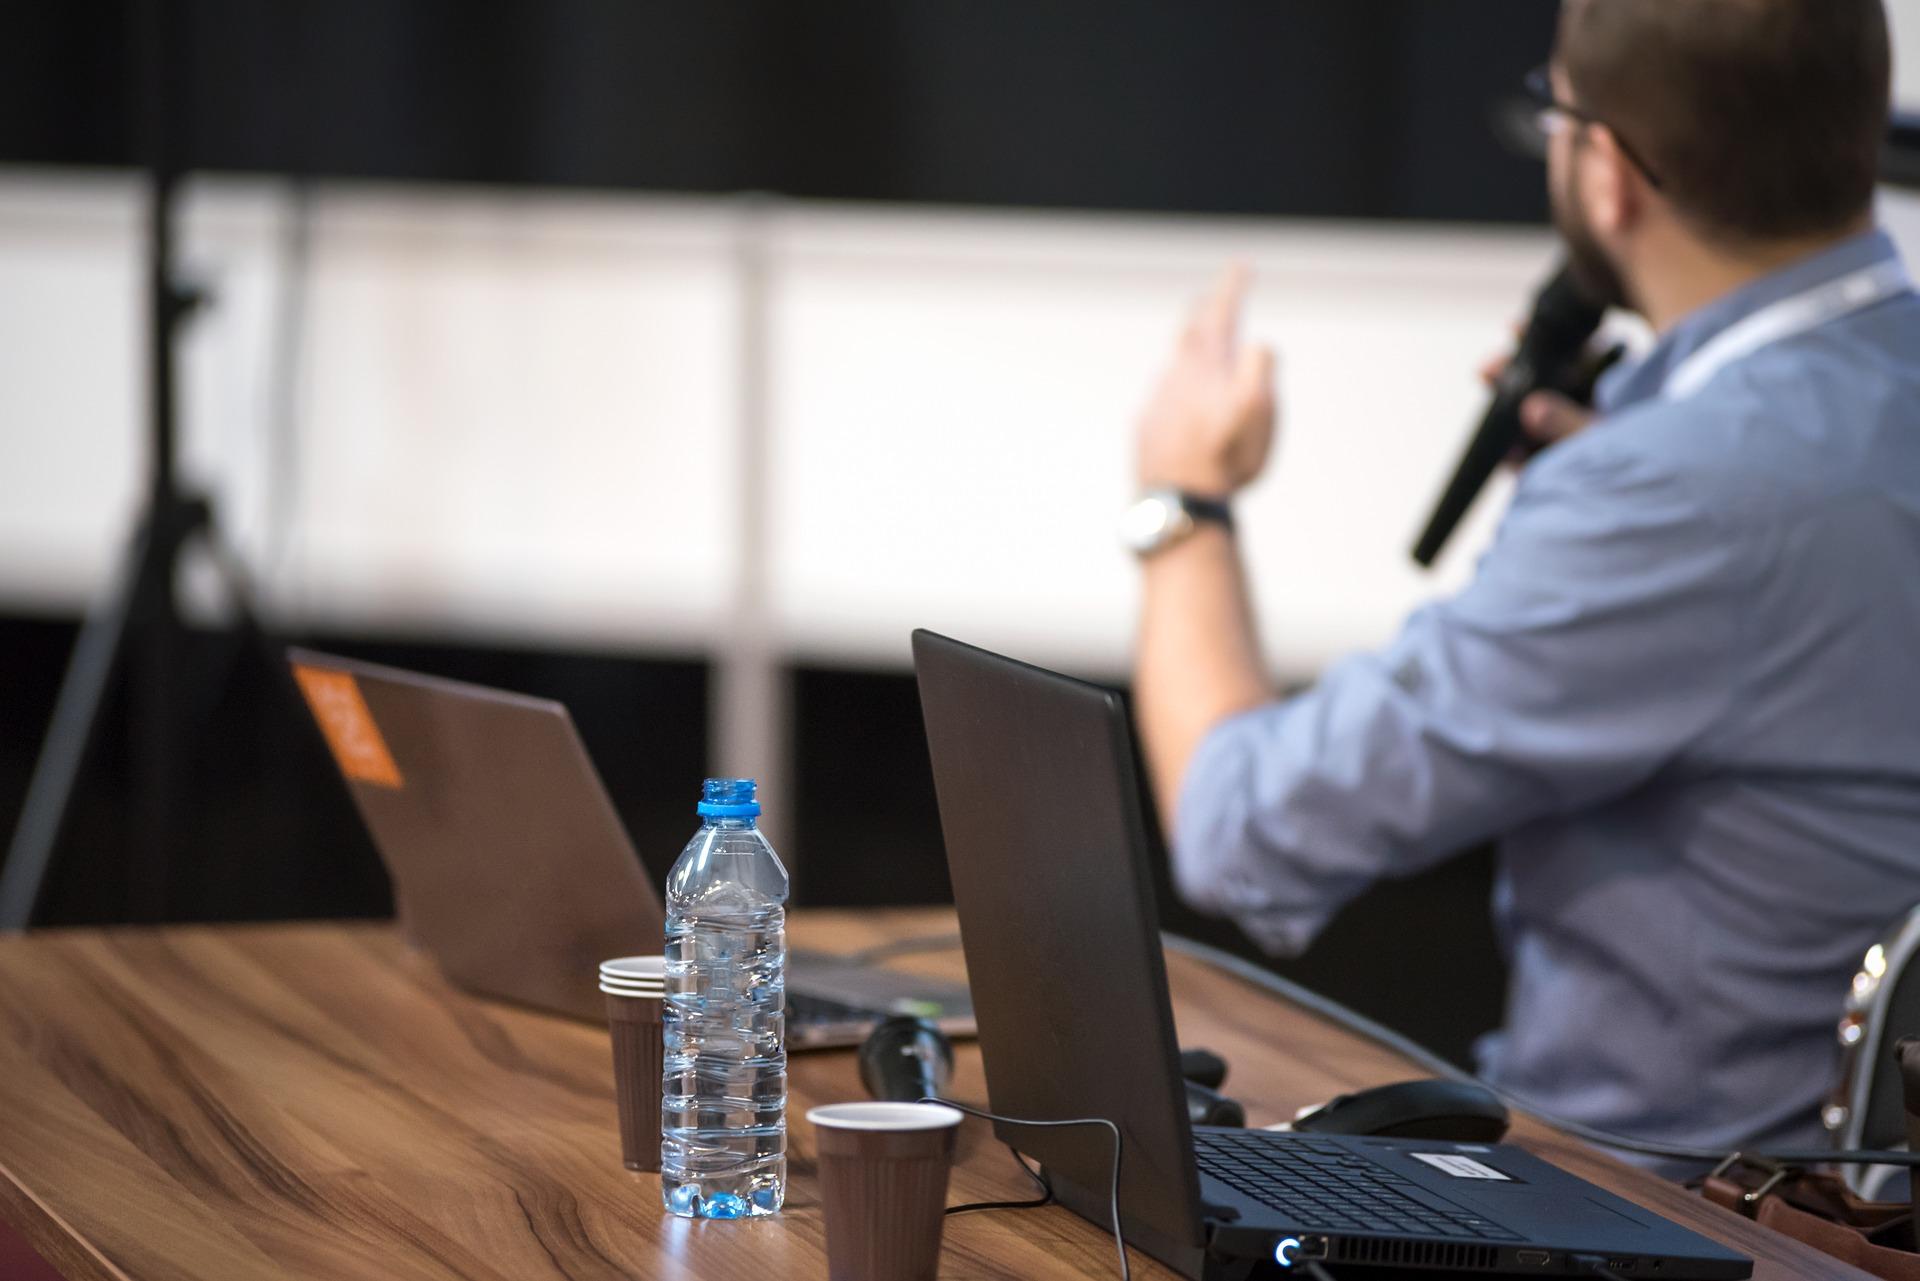 eim Symposium an der FH hielt ein roTeg Konstrukteur einen Vortrag